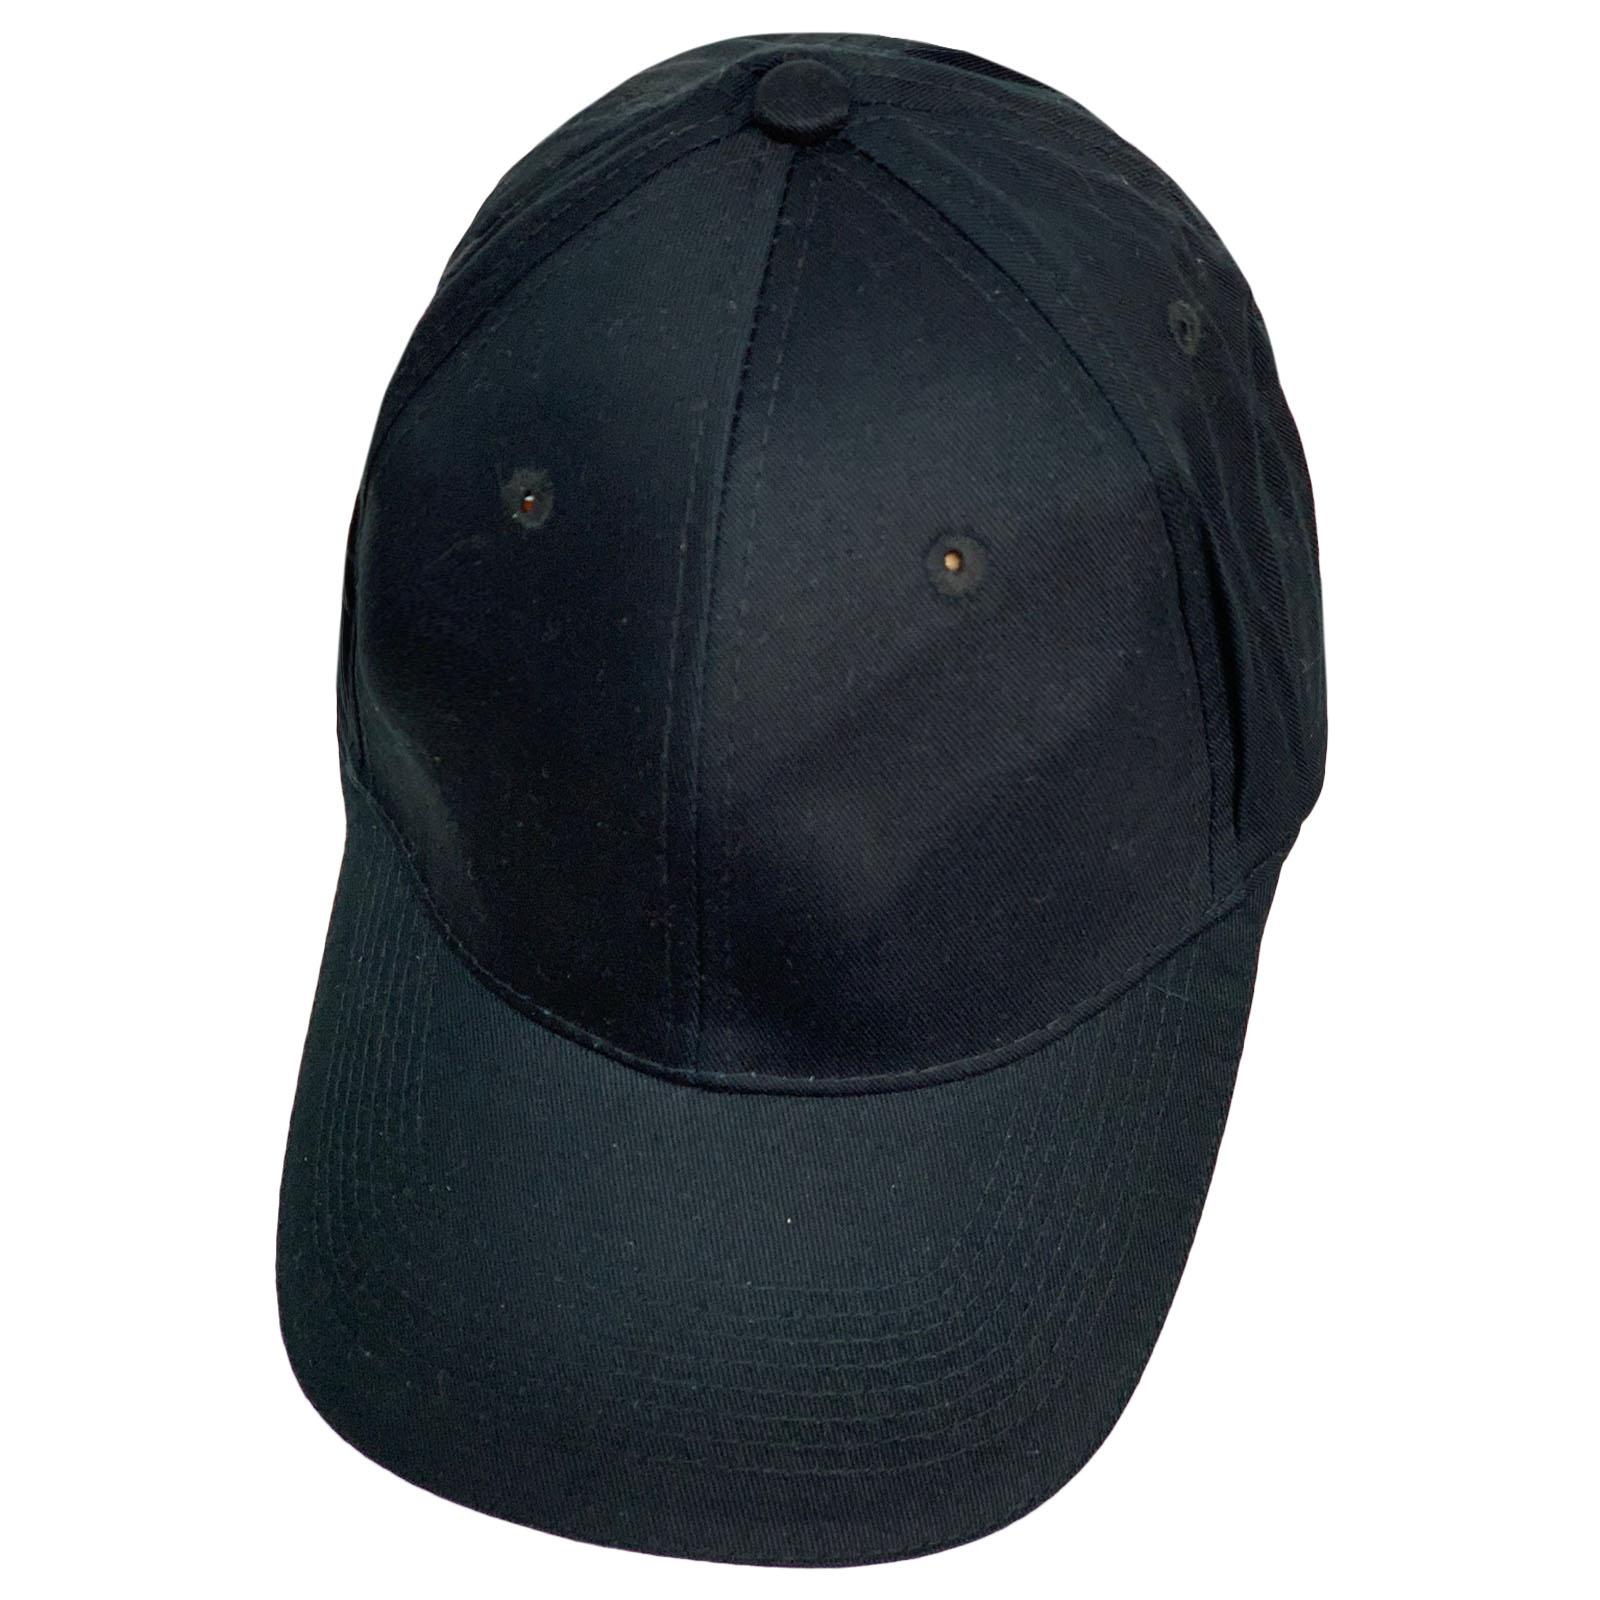 Черная бейсболка - купить в интернет-магазине